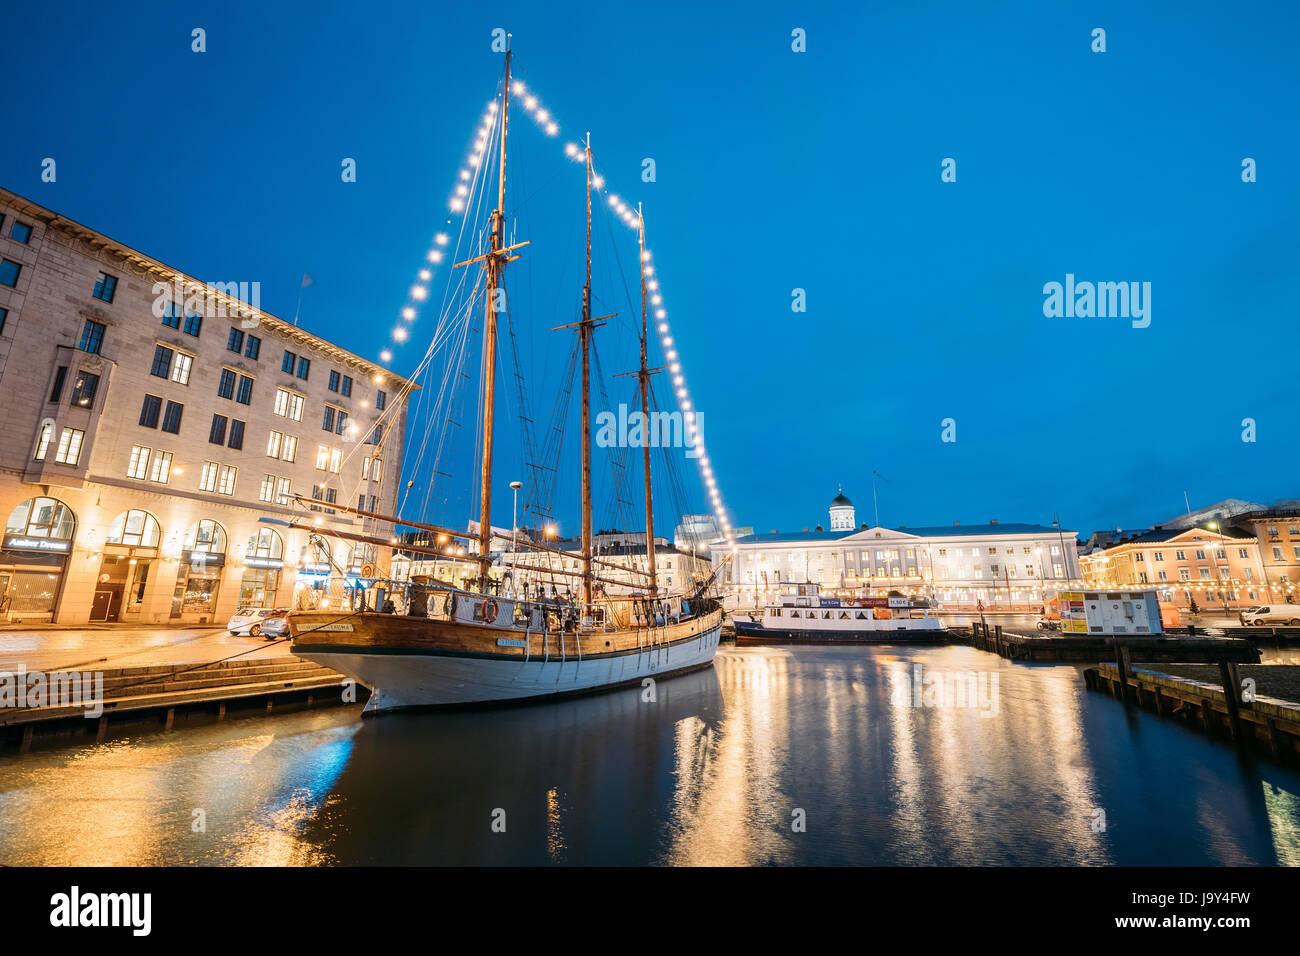 Helsinki, Finnland - 9. Dezember 2016: Alten hölzernen Segeln Schiff Schiff Schoner ist die Stadt Pier, Steg Stockbild